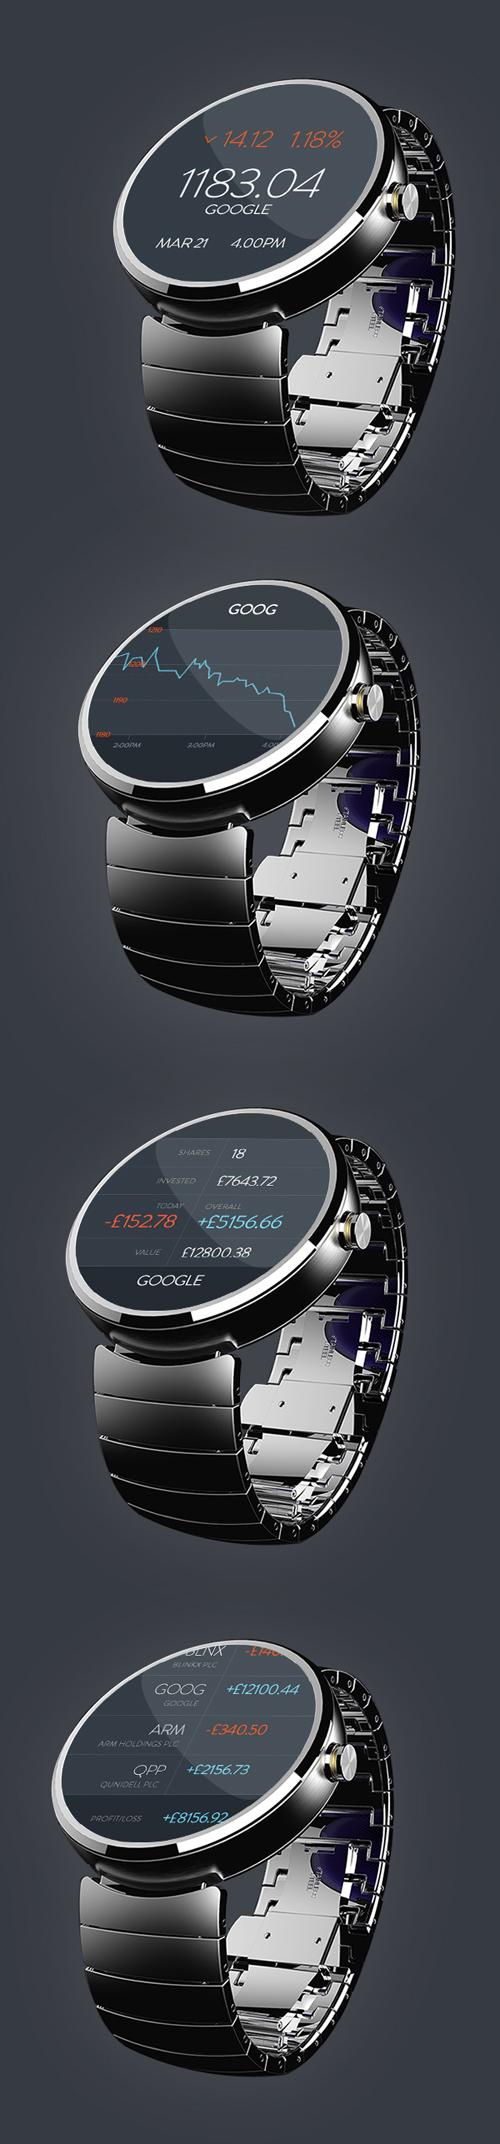 часы для seo